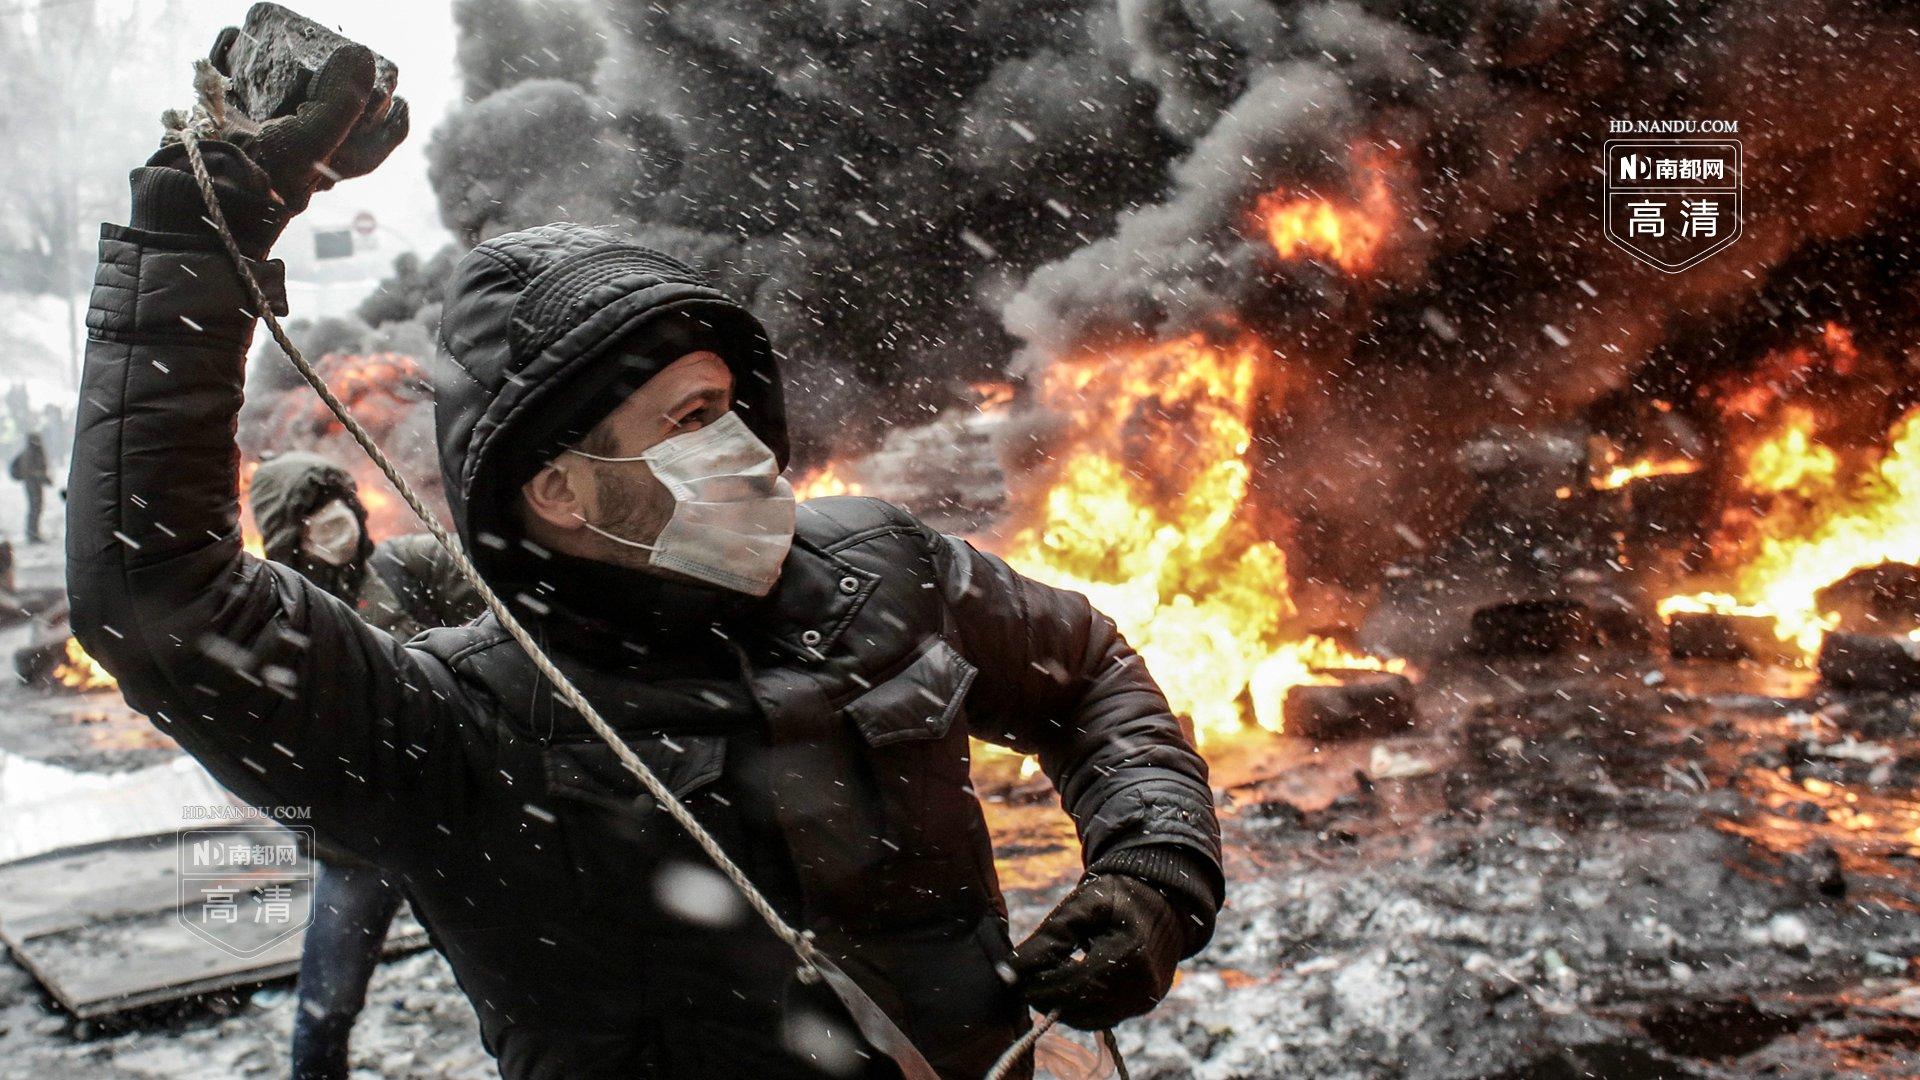 乌克兰淫乱电影_乌克兰战争电影 是不是反美的国家呢?